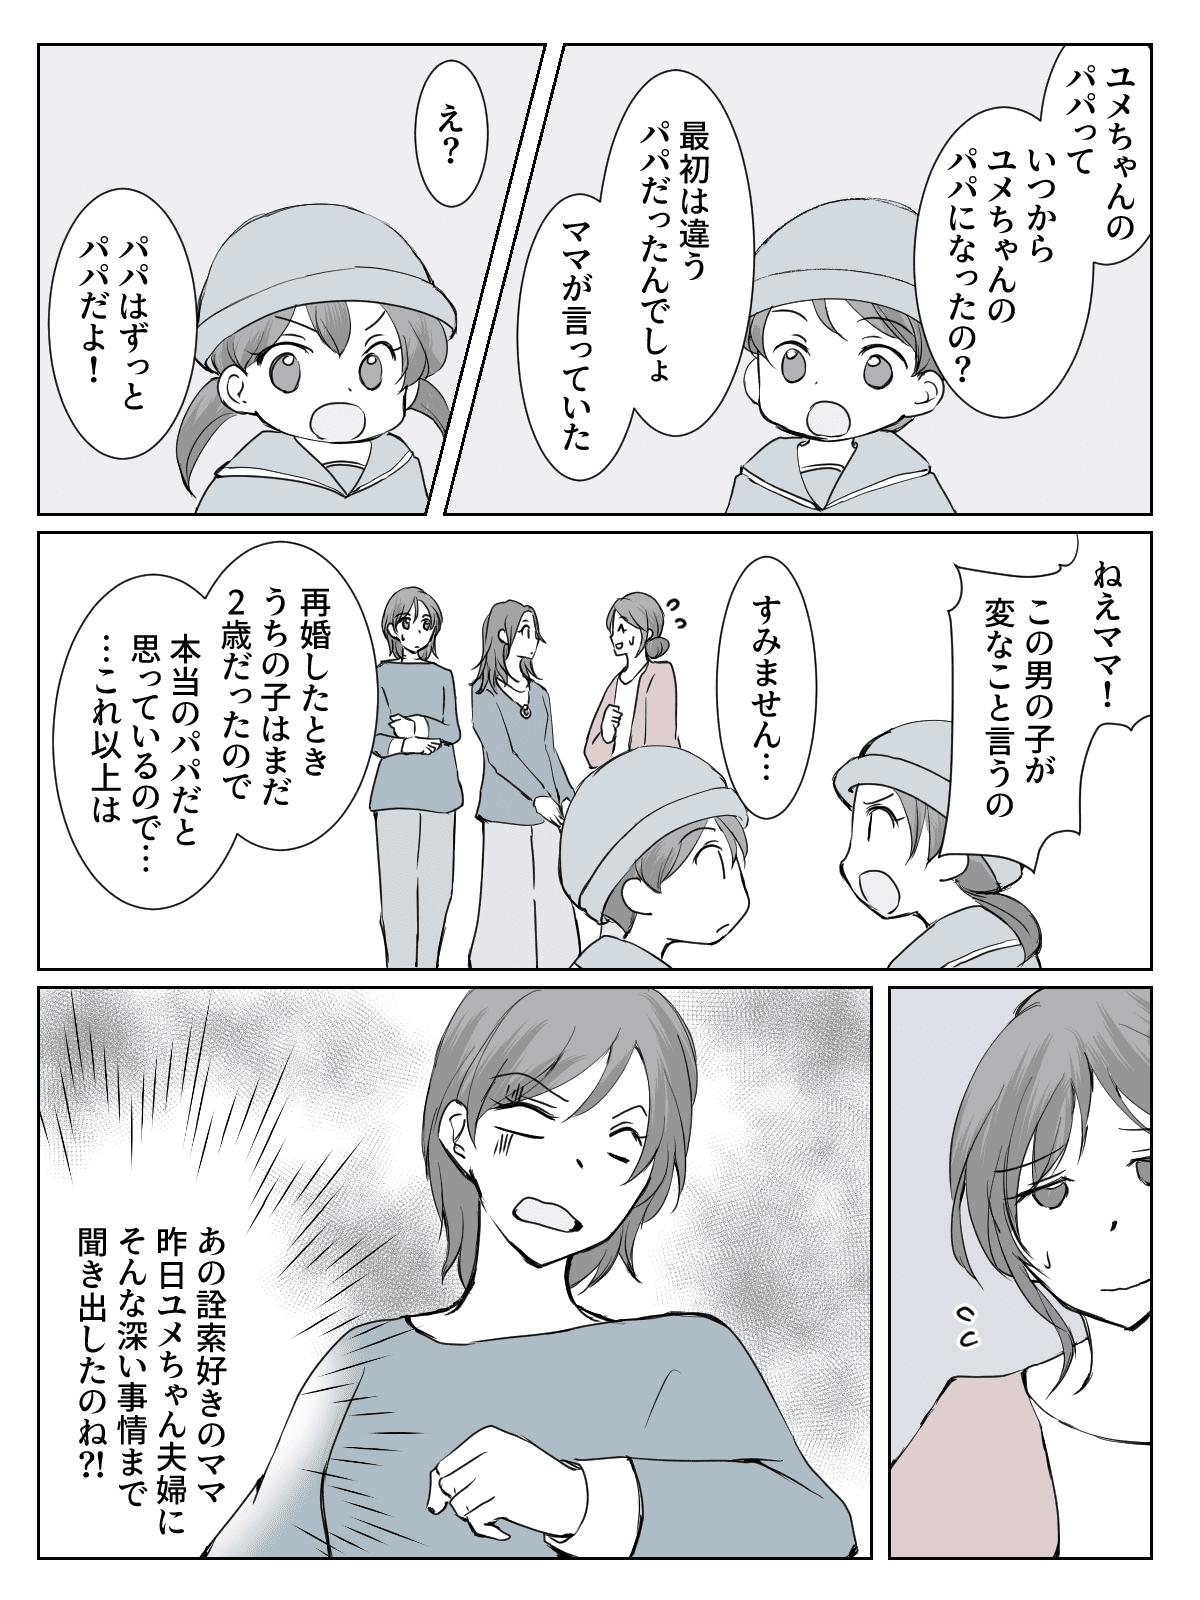 【前編③】詮索好きママからの取り調べ攻撃で事件勃発!